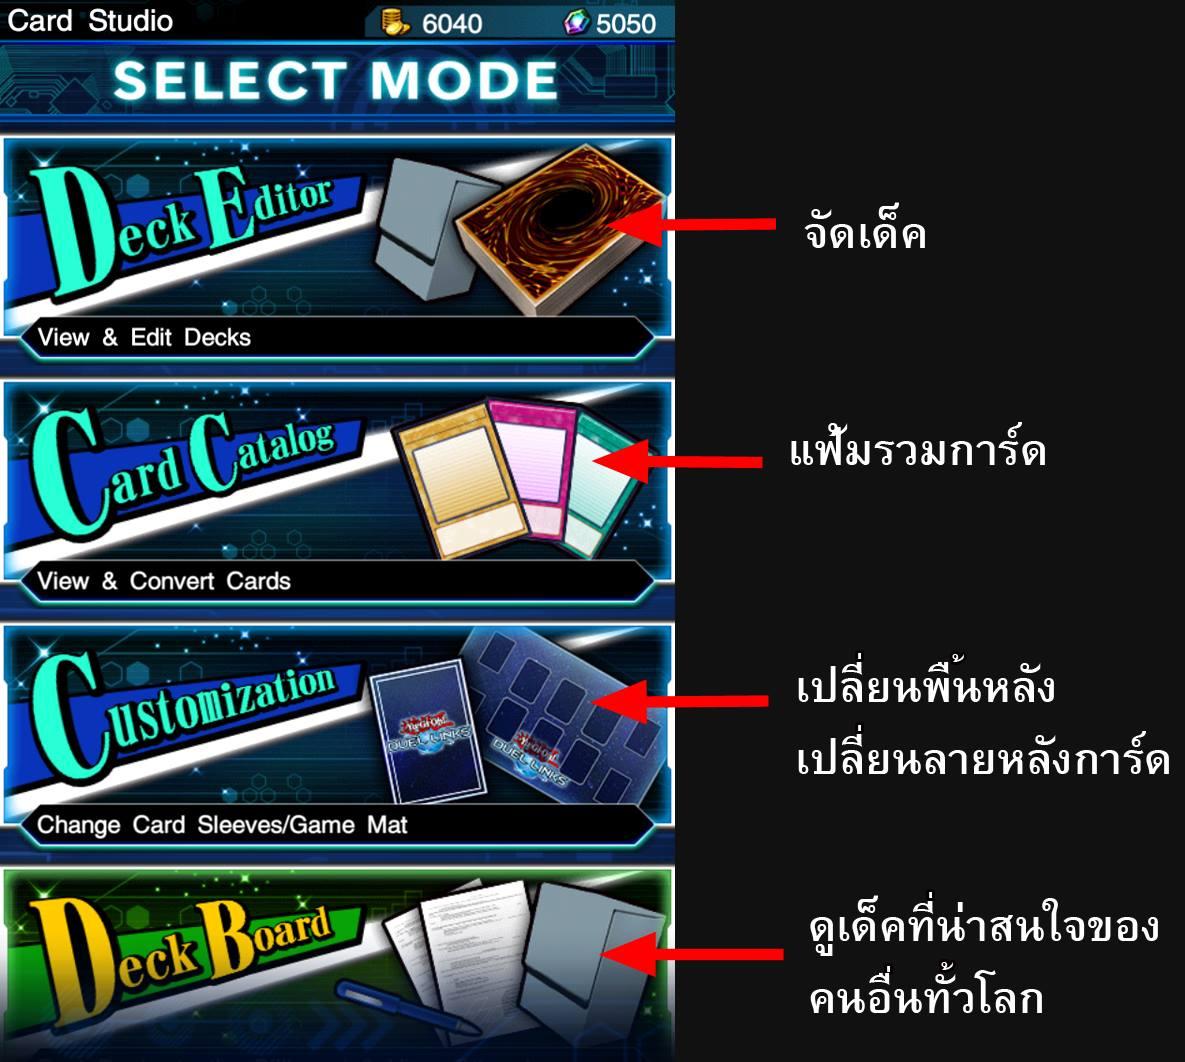 วิธีเล่น Yu-Gi-Oh! Duel Links เบื้องต้น - iPhoneMod